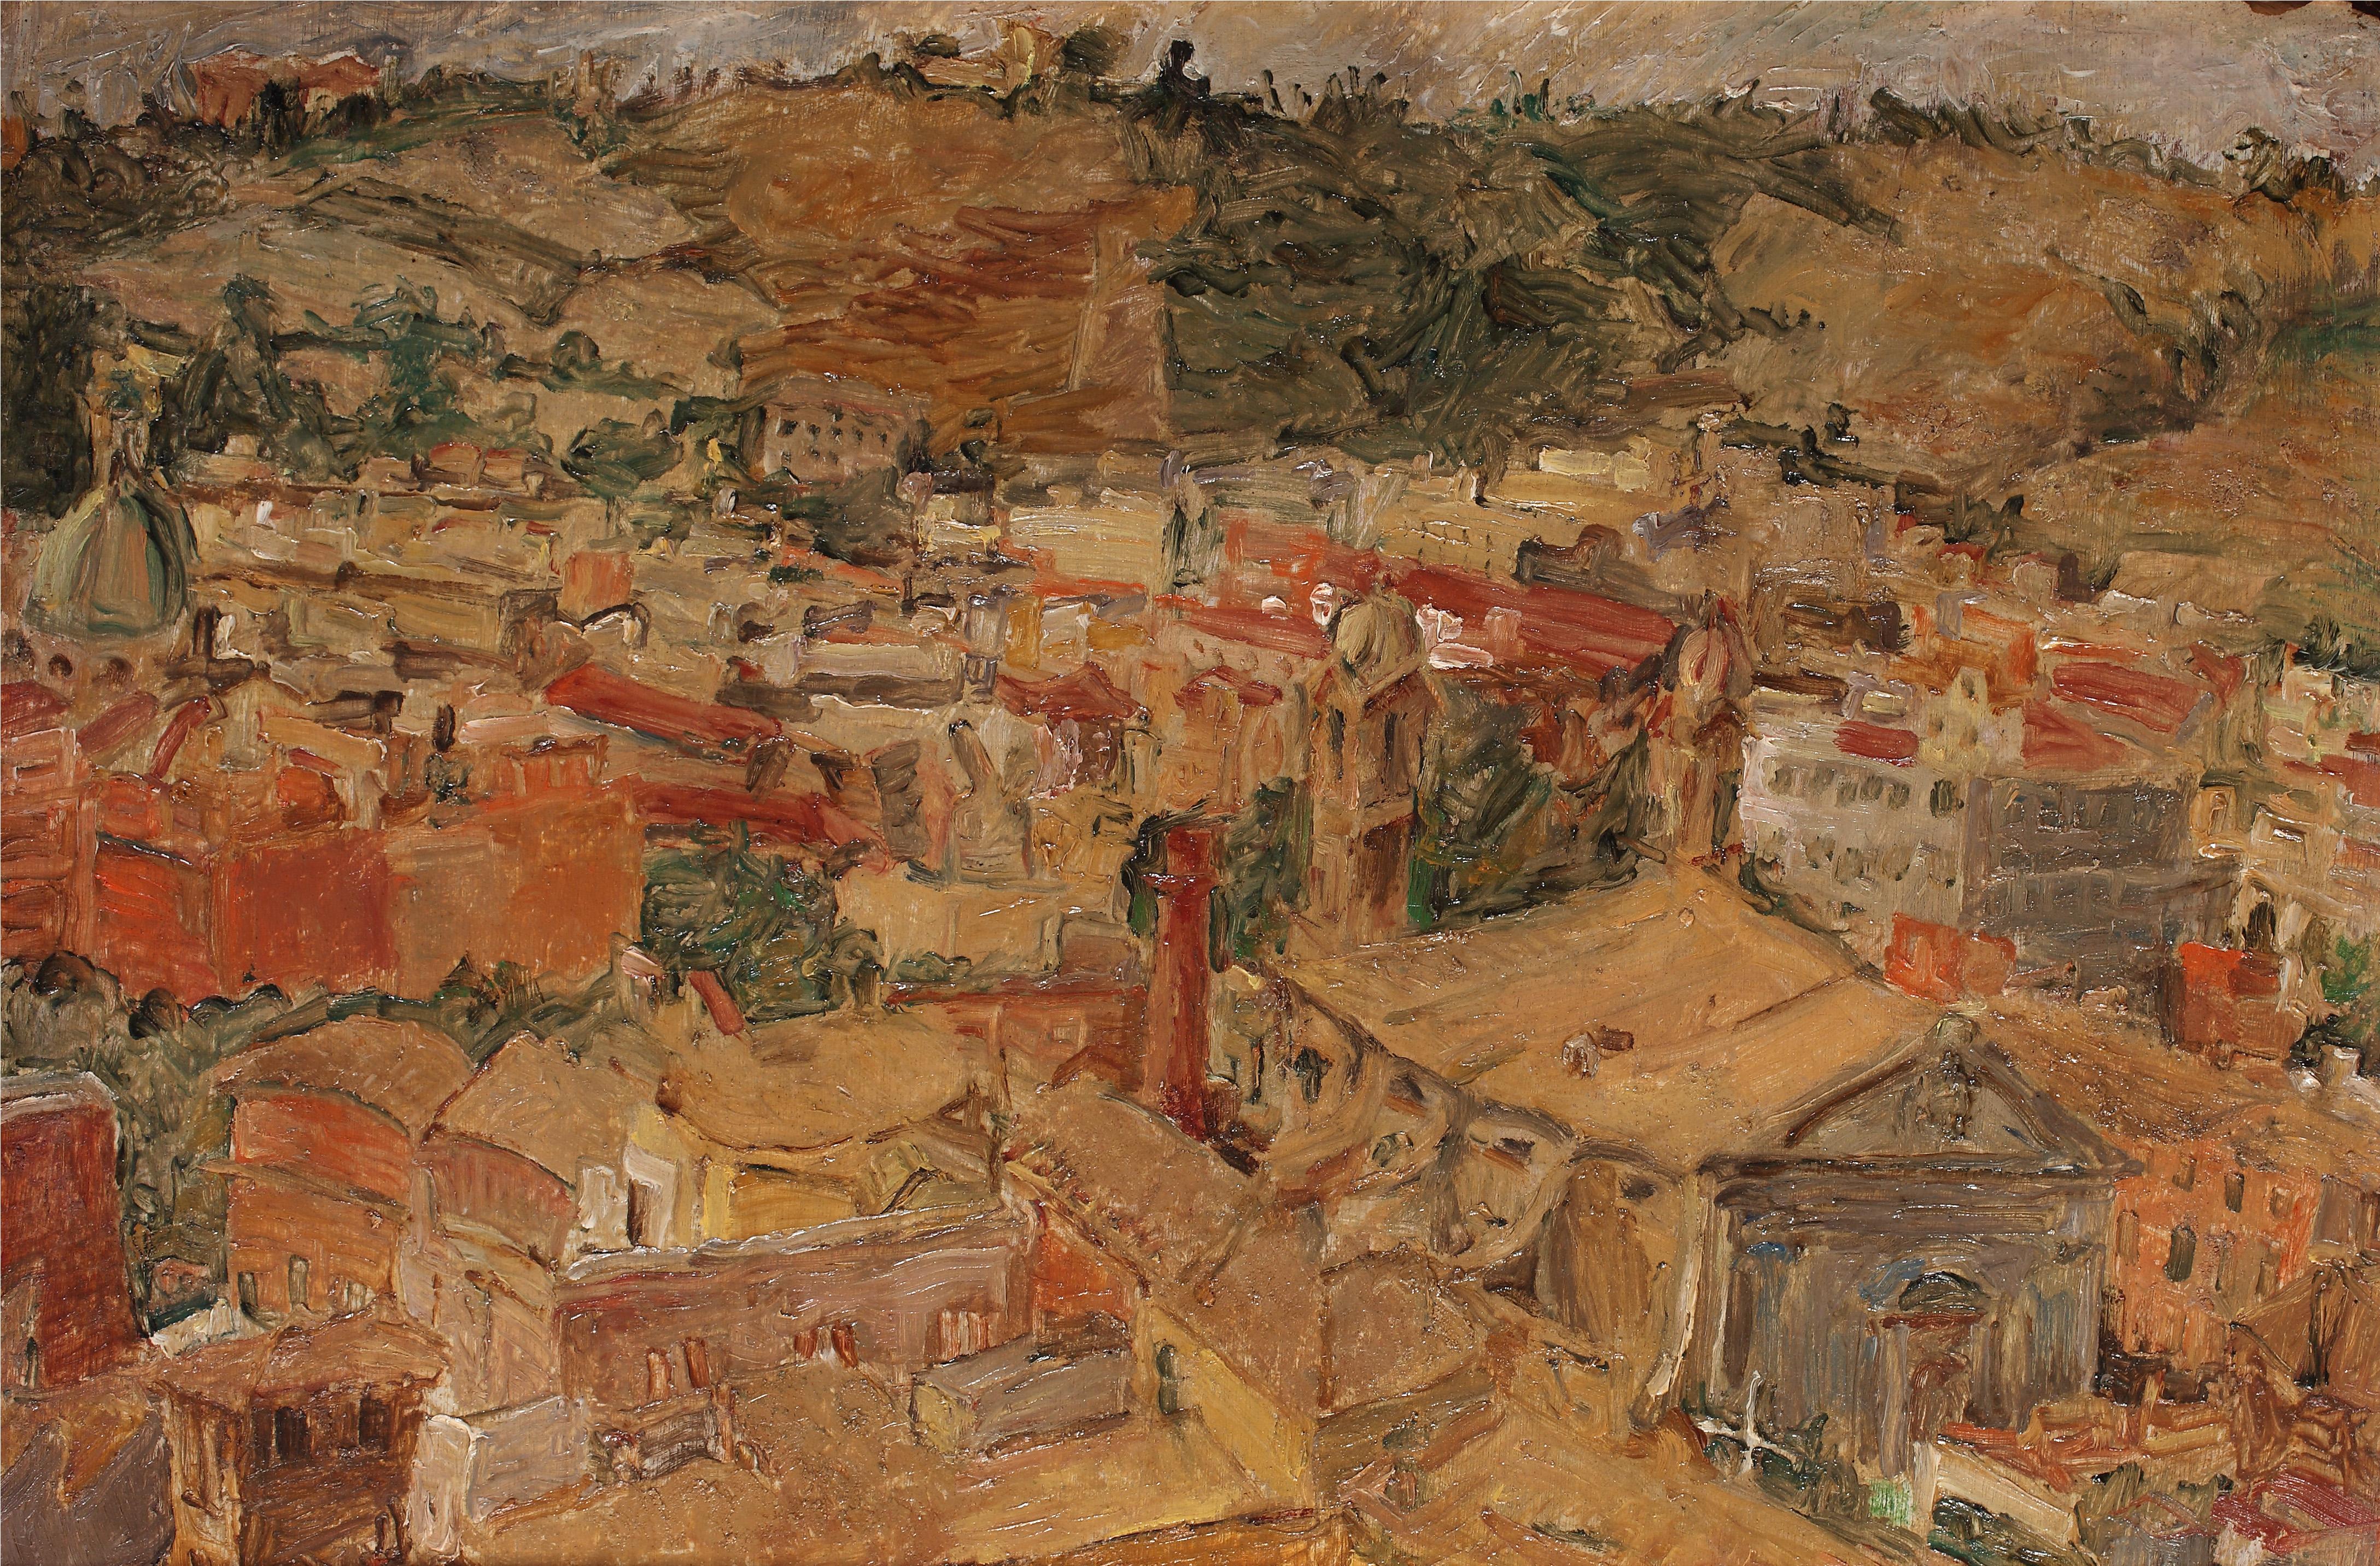 Paesaggio di Fausto Pirandello, Courtesy Galleria Russo